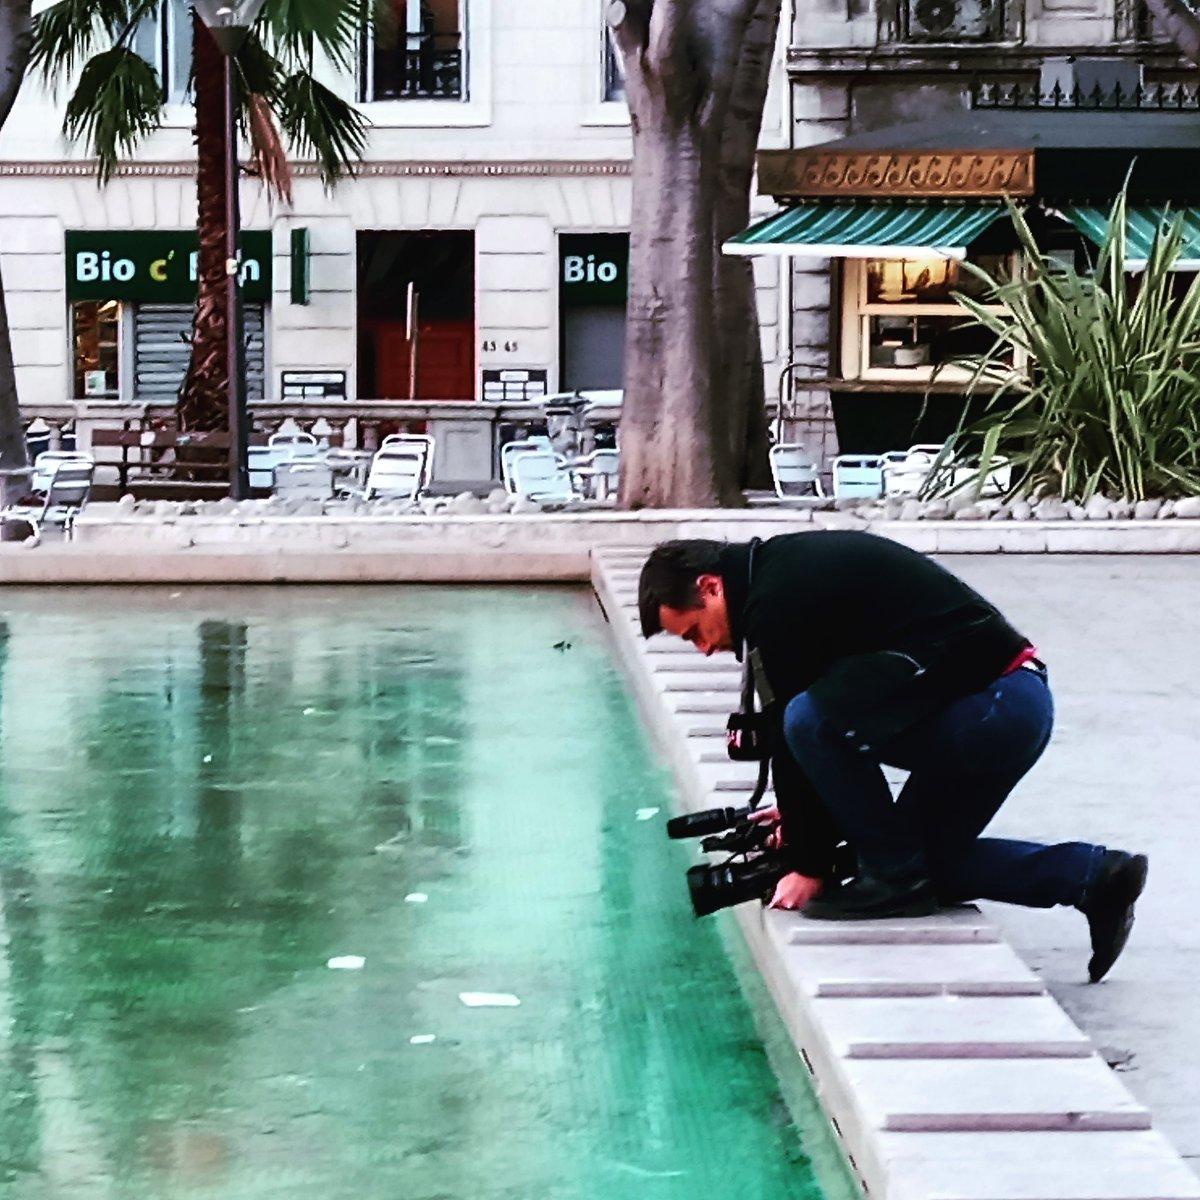 Un confrère de @M6 filme la fontaine #monthyon à #marseille prise par les &quot;glaces&quot; #banquise #froid #aglagla #hiver<br>http://pic.twitter.com/2pJpyEgOrd